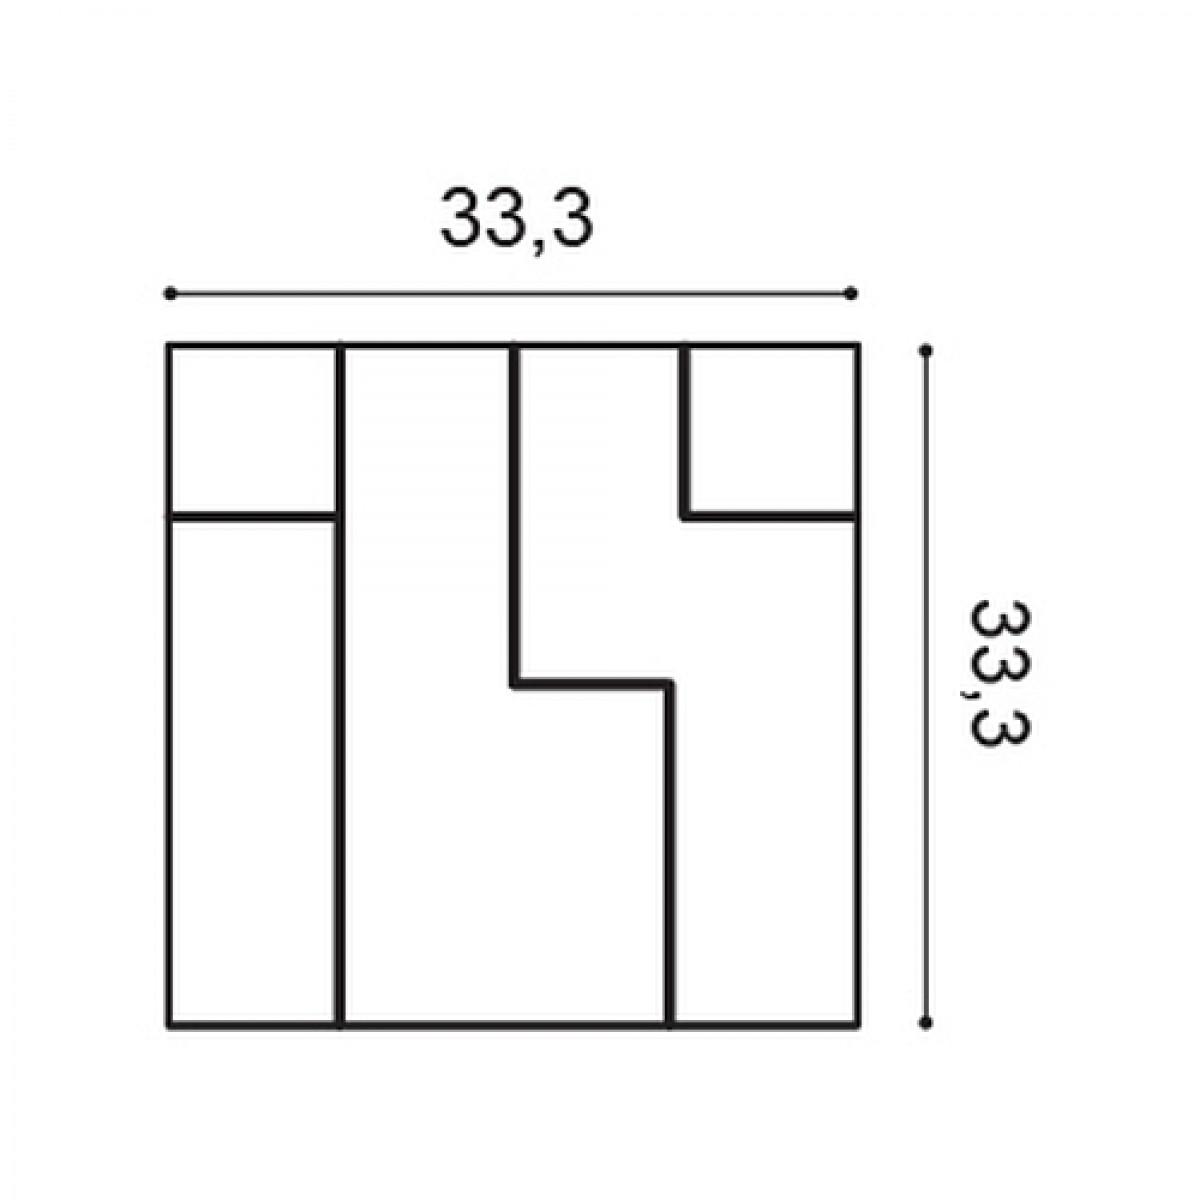 Panel Modern W102, Dimensiuni: 33.3 X 33.3 X 2.5 cm, Orac Decor